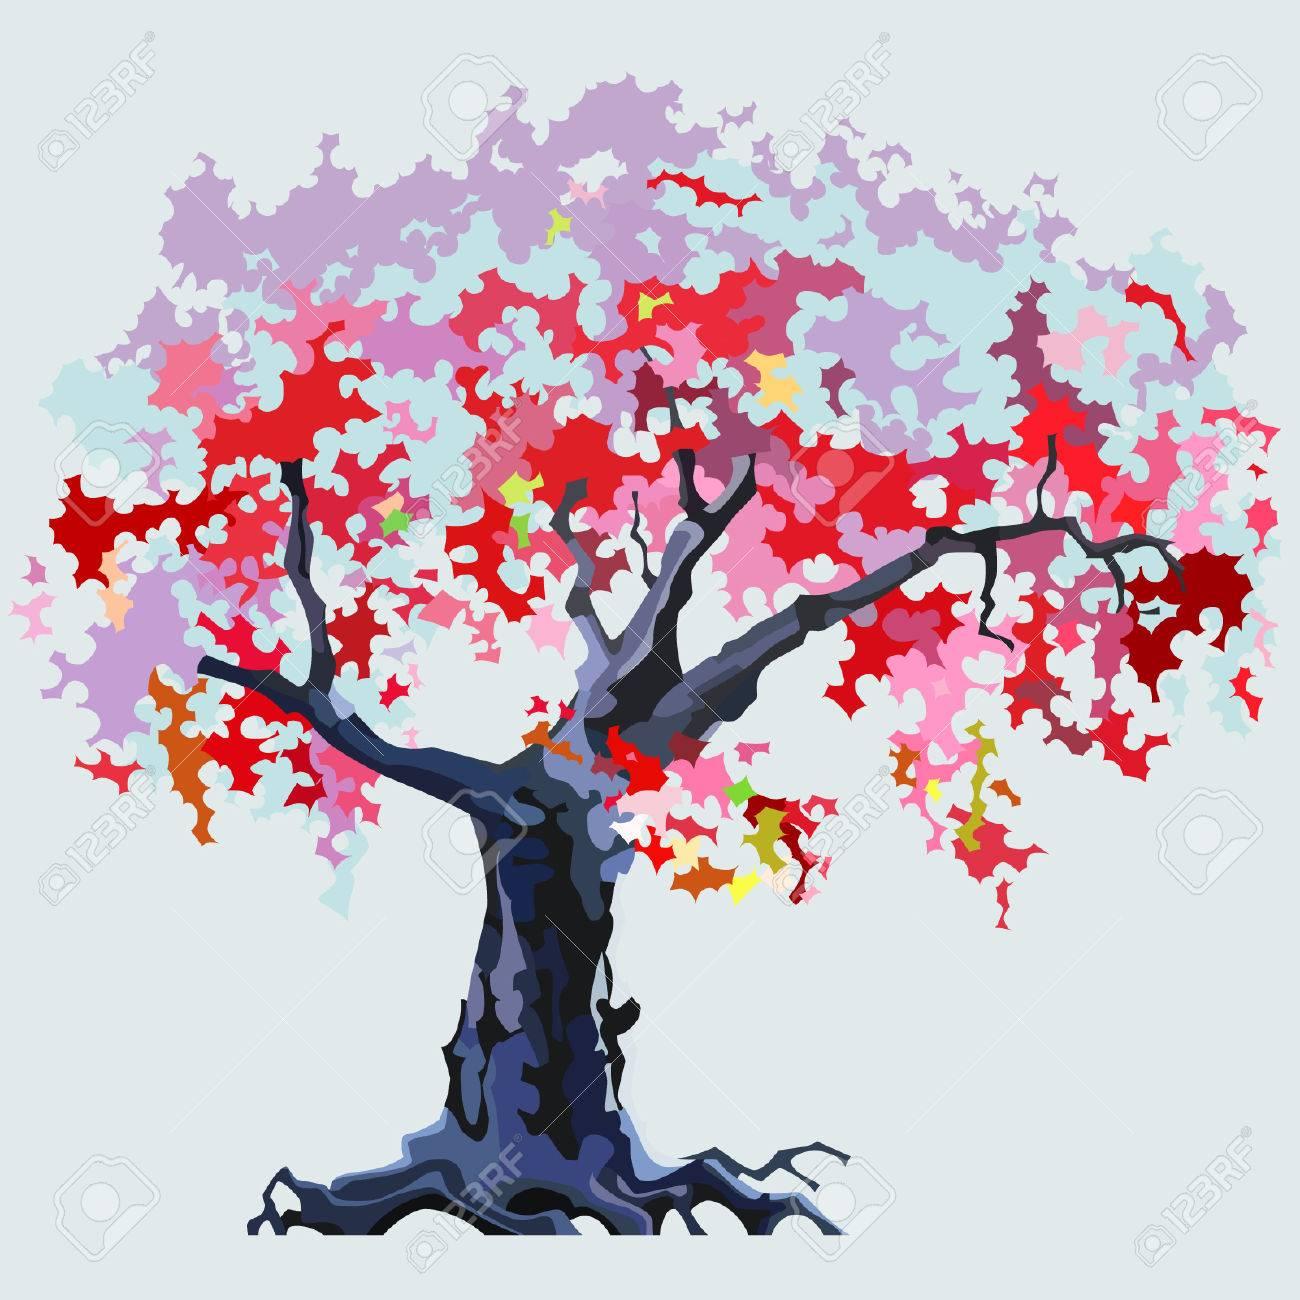 Dibujos Animados De árboles De Color Rosa En Flor Ilustraciones  Vectoriales, Clip Art Vectorizado Libre De Derechos. Image 37707721.